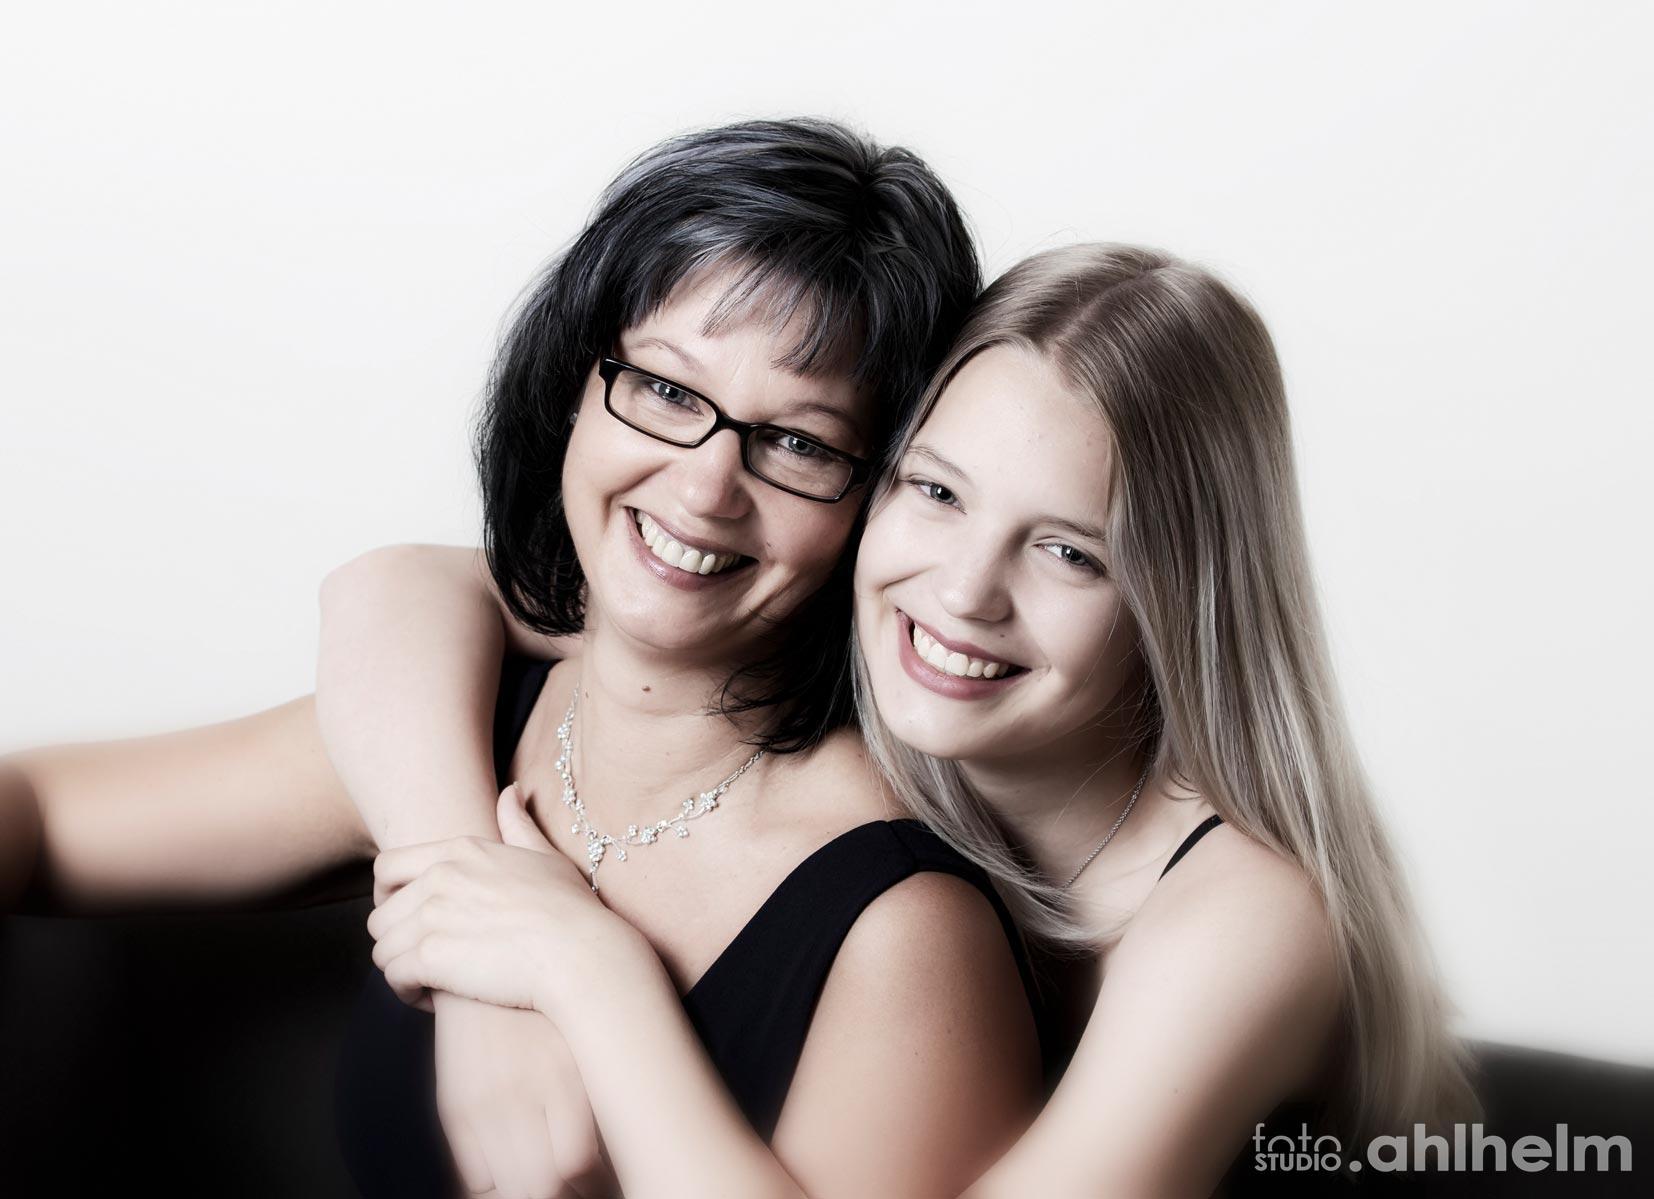 Fotostudio Ahlhelm Portrait Mutter und Tochter